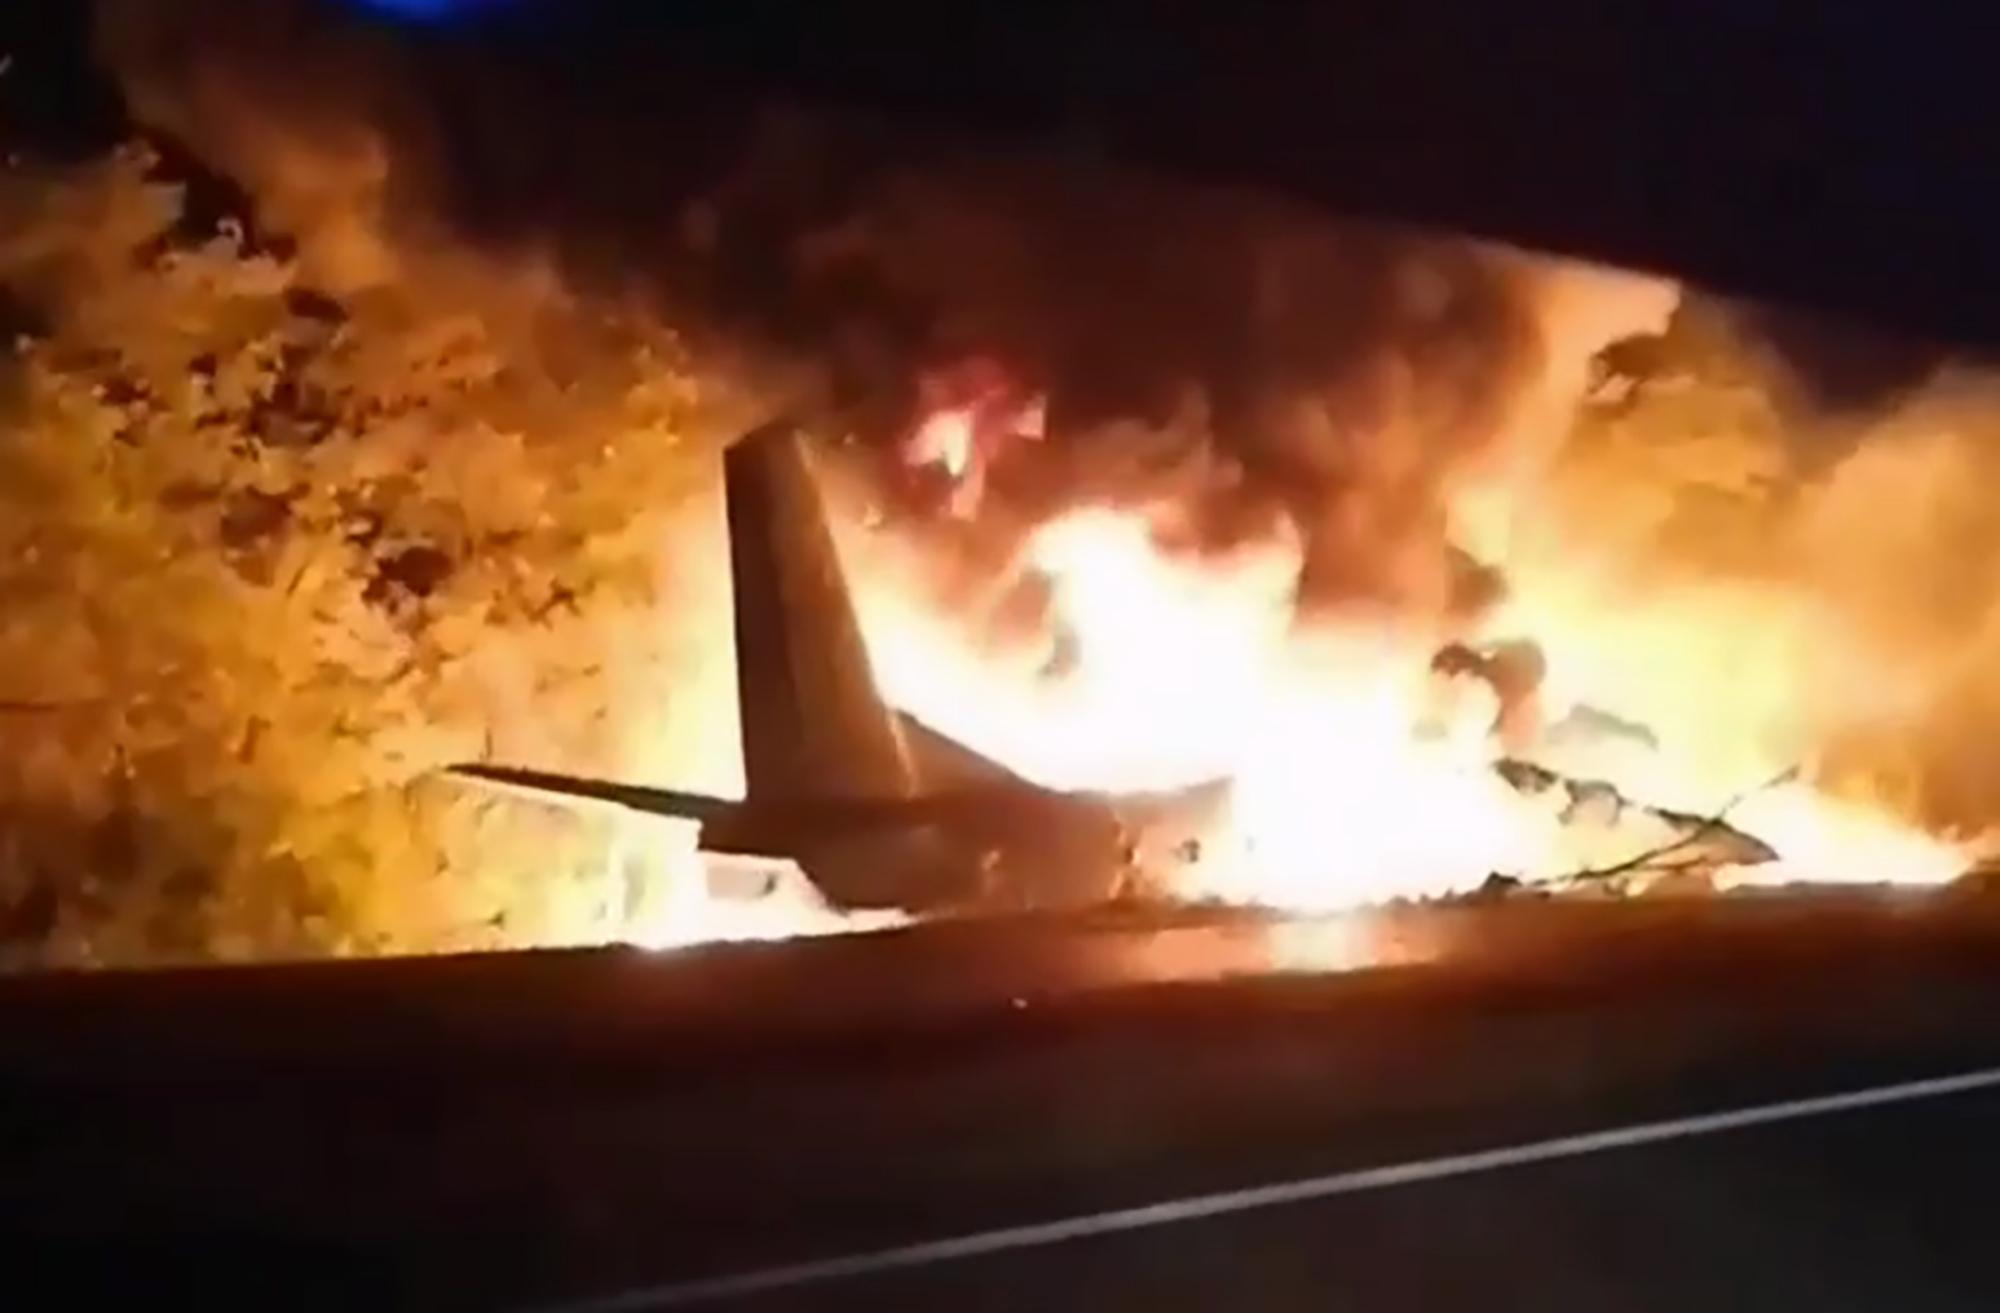 25일(현지시간) 우크라이나 하리코프 인근 한 마을에서 안토노프(An)-26 군 수송기가 추락해 불에 타고 있다. 현지 당국은 이 사고로 비행학교 학생 등 탑승자 27명 중 22명이 숨지고 2명이 중상을 입었다고 밝혔다. AP=연합뉴스